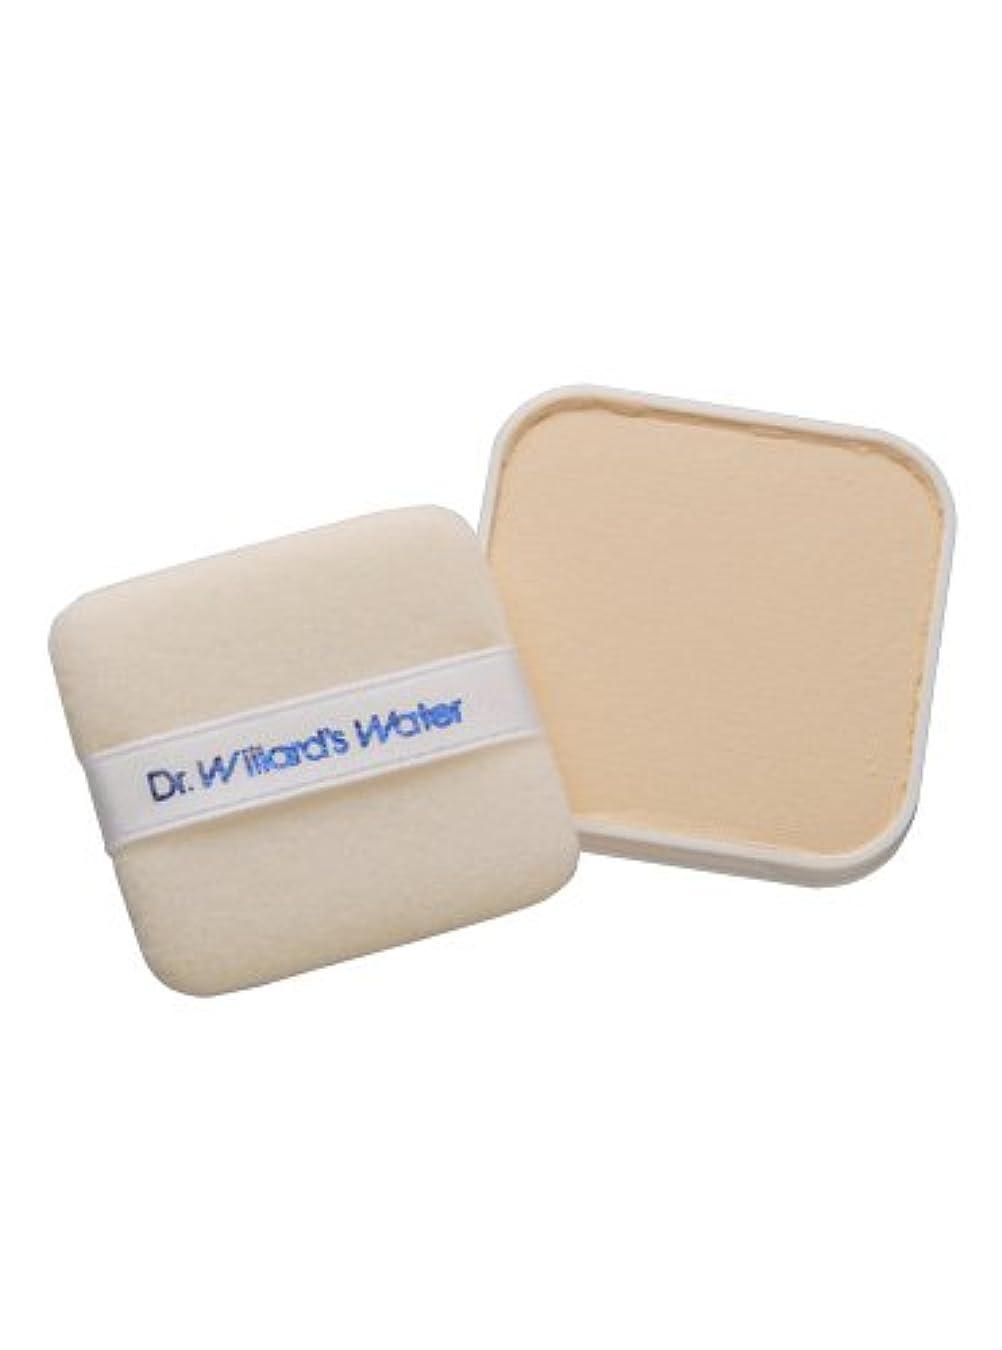 受粉する削除する主要なDr.ウィラード?プレストパウダーつめかえ用レフィル(パフ付)